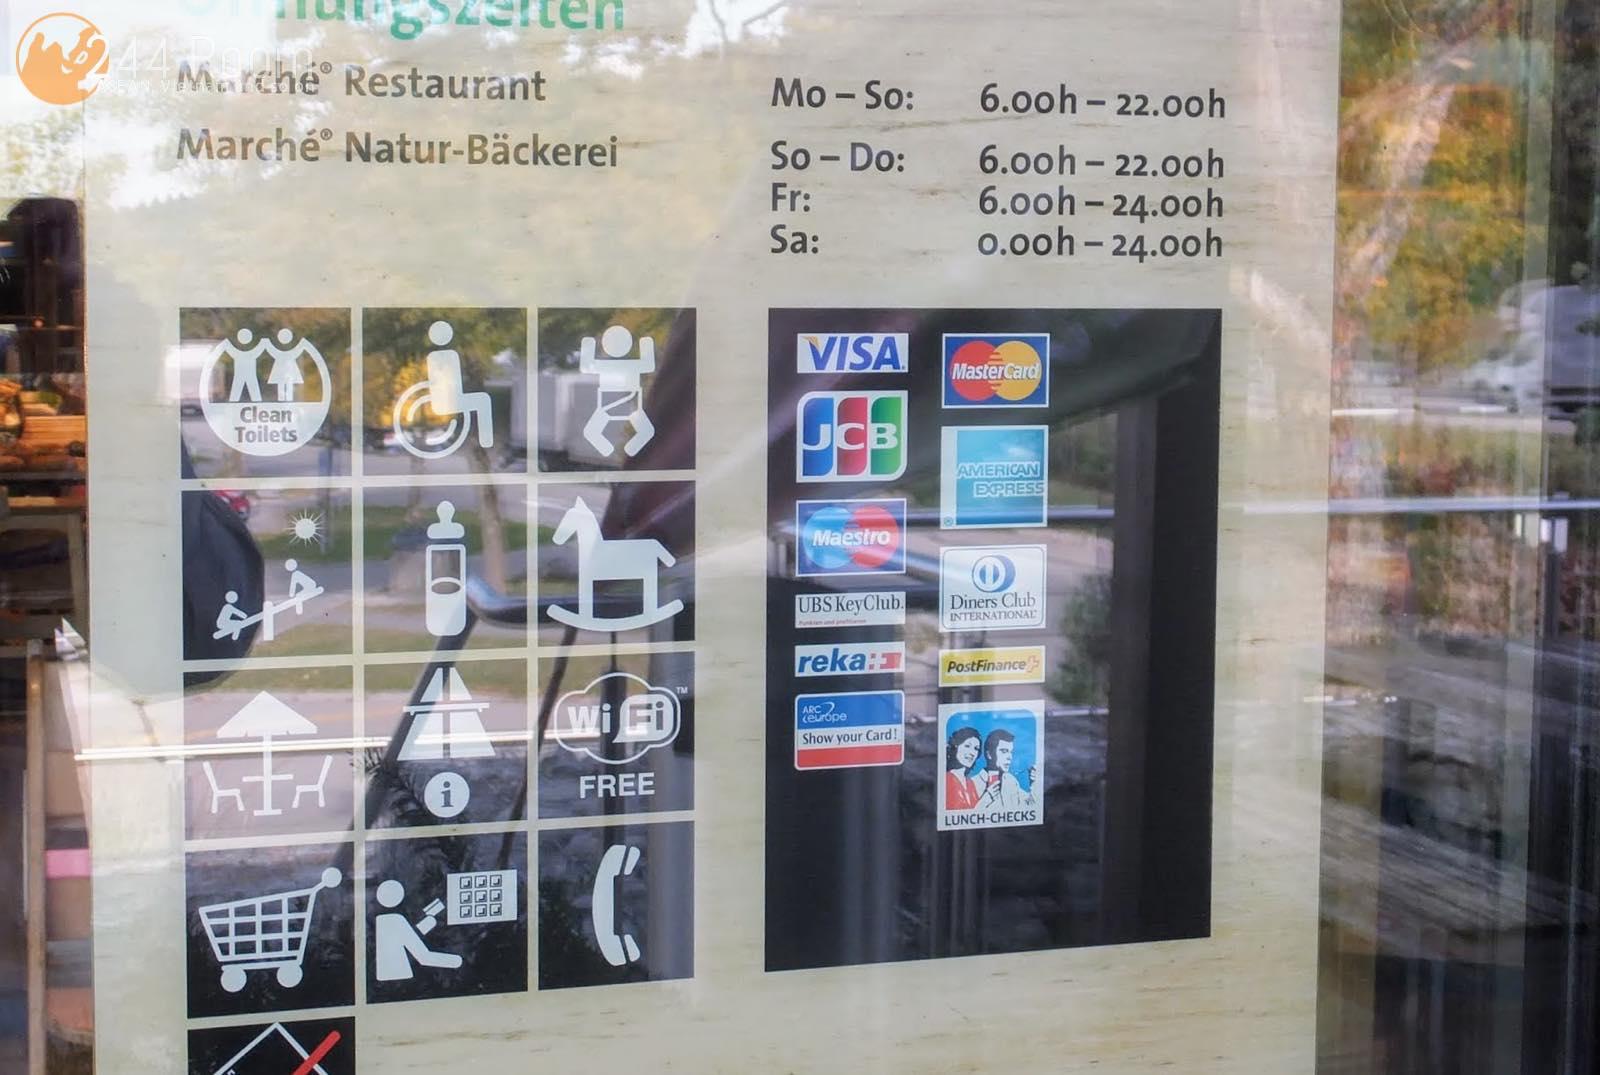 スイスのサービスエリア店内 Servicearea in Switzerland3